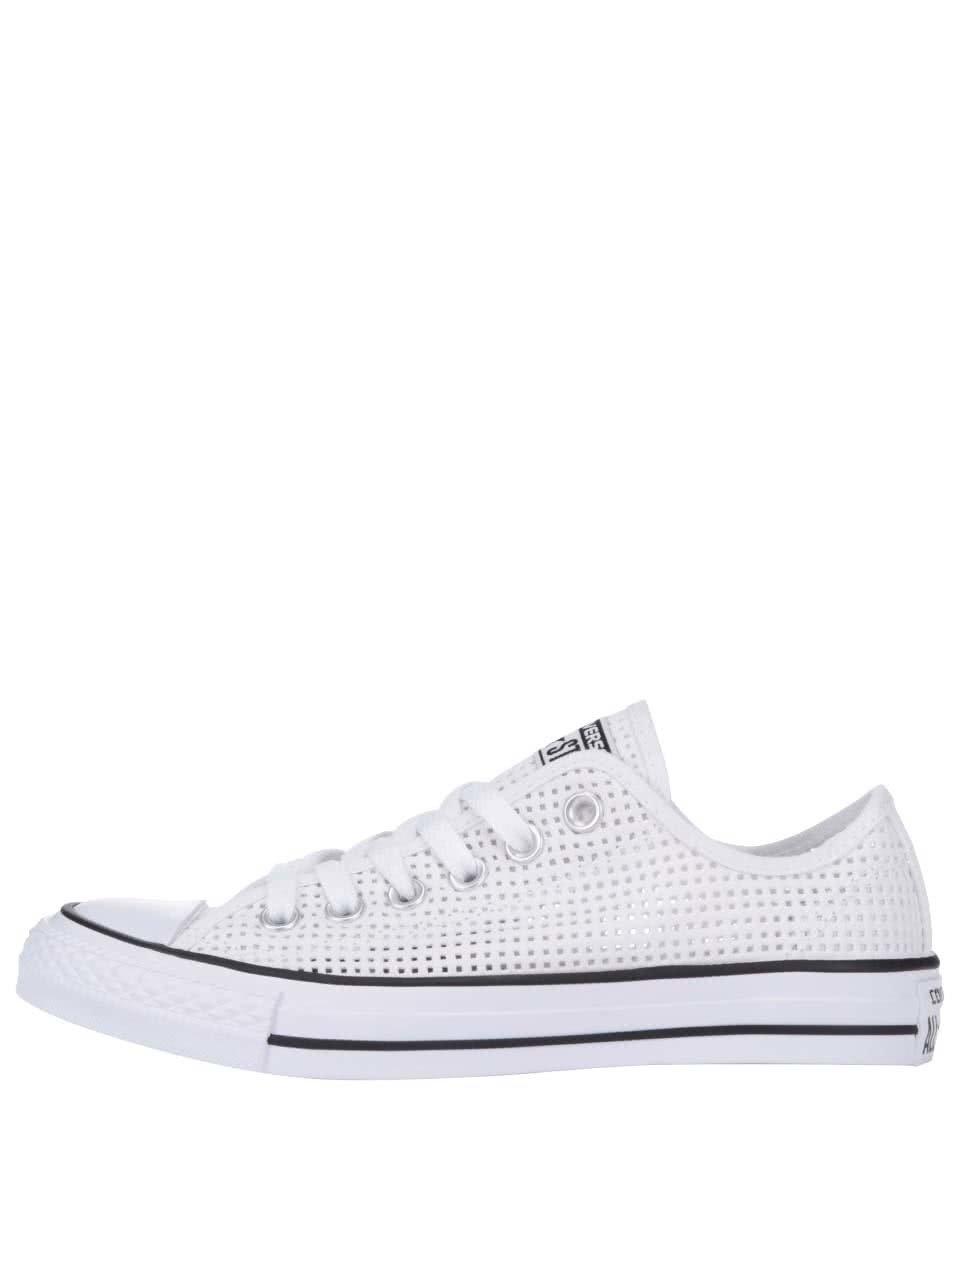 Biele perforované dámske tenisky Converse Chuck Taylor All Star ... e1d97e3751